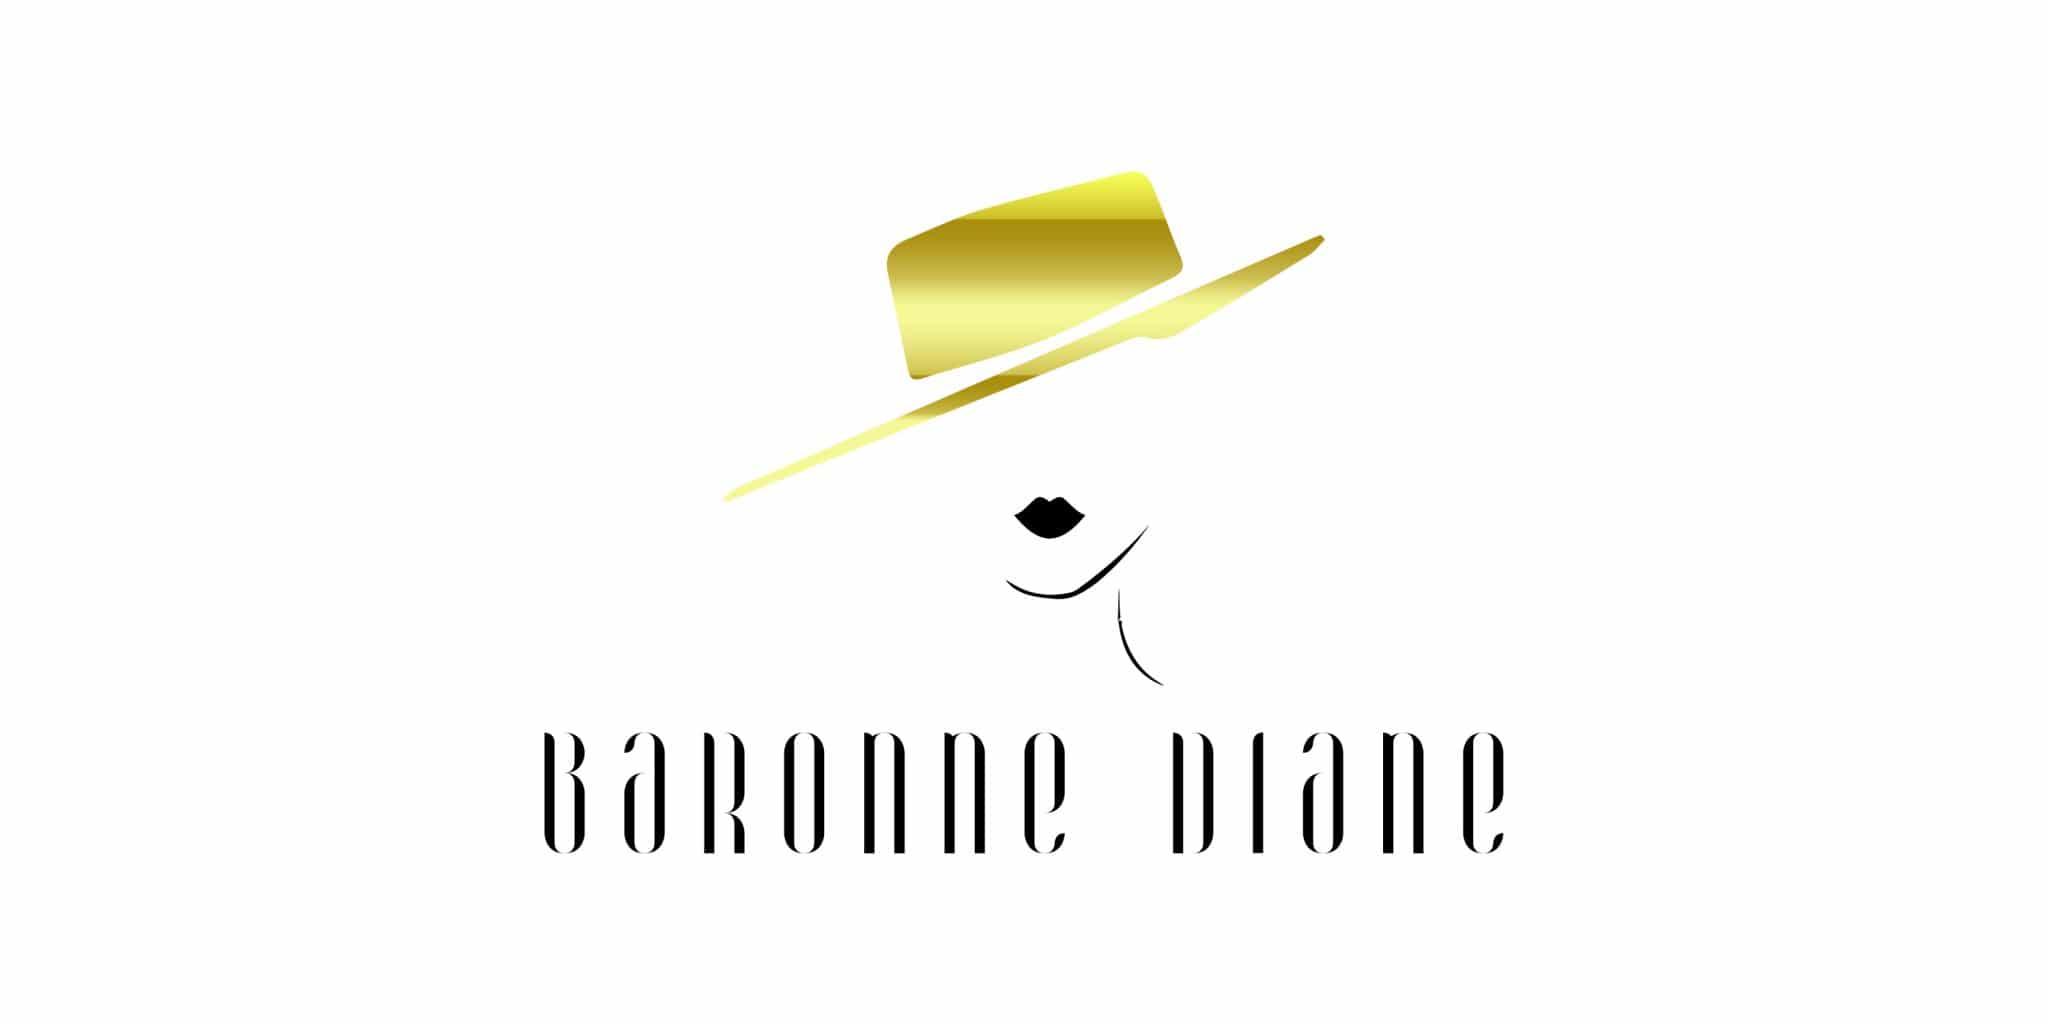 BaronneDianne